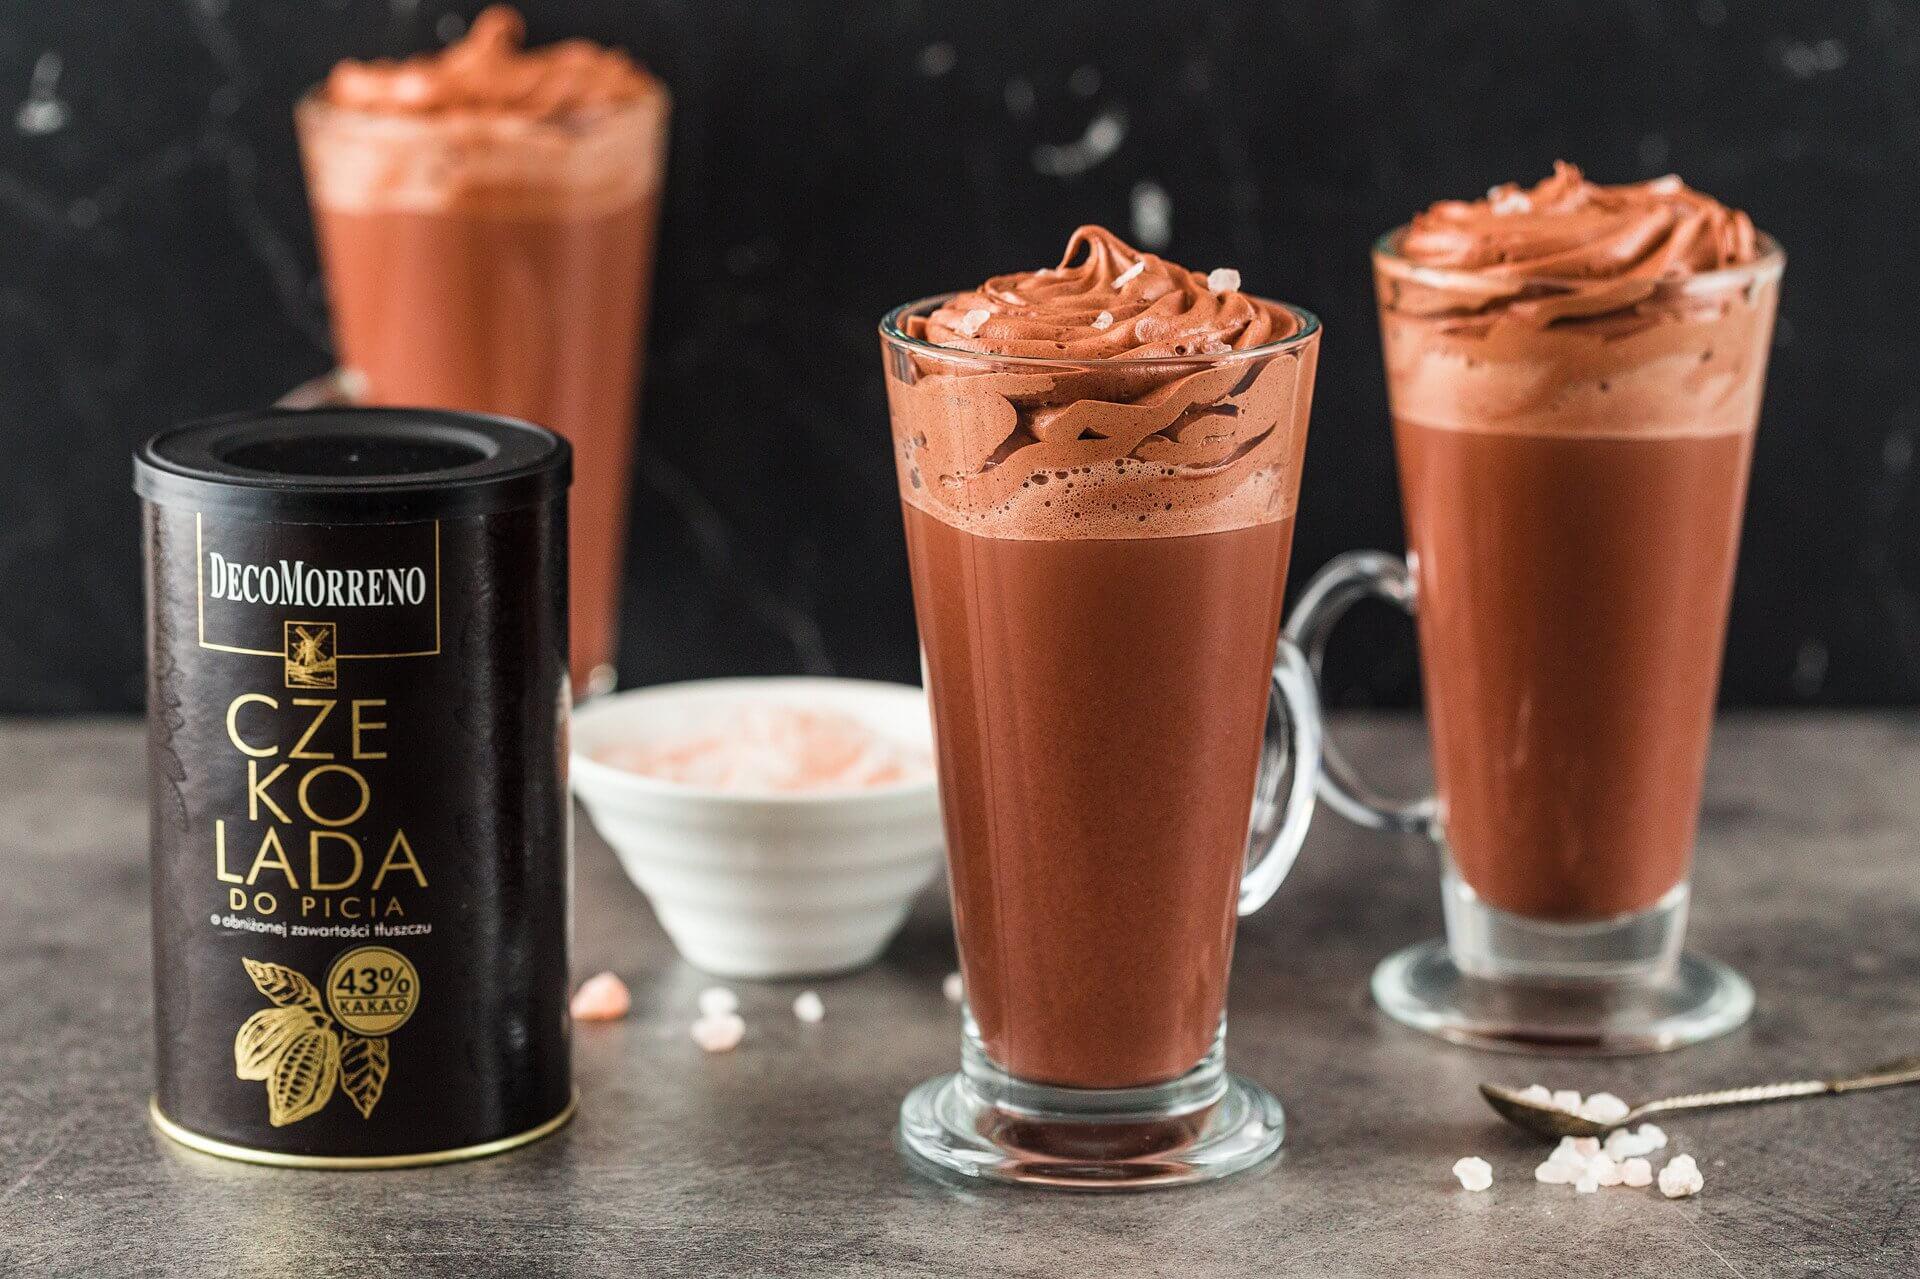 Intensywny smak czekolady do picia autorstwa DecoMorreno